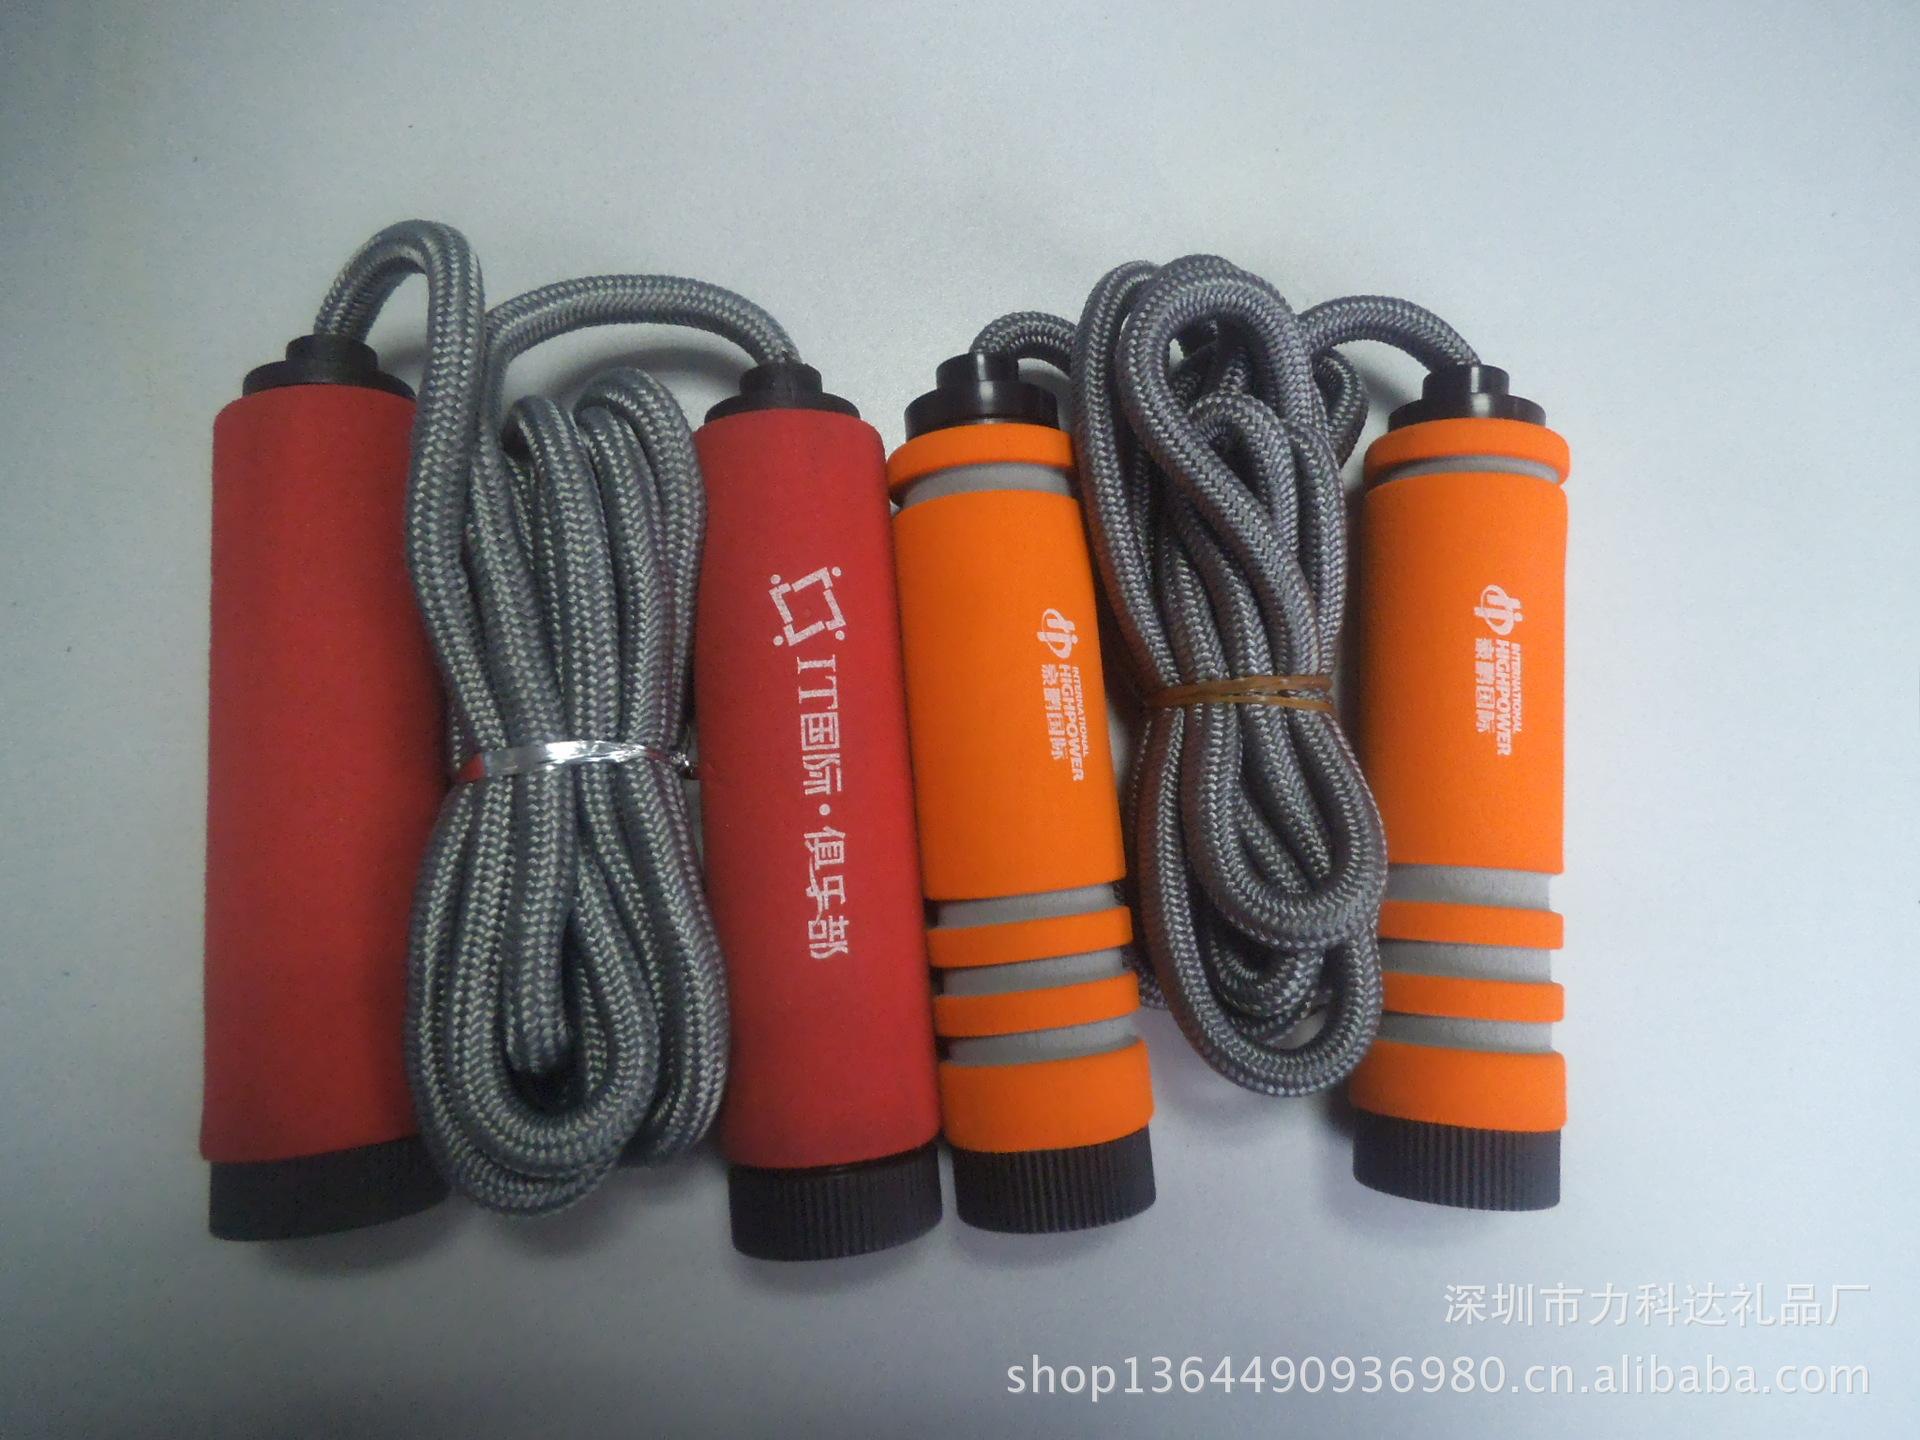 厂商供应跳绳 握力器两件套 可丝印logo 批发制定加工跳绳